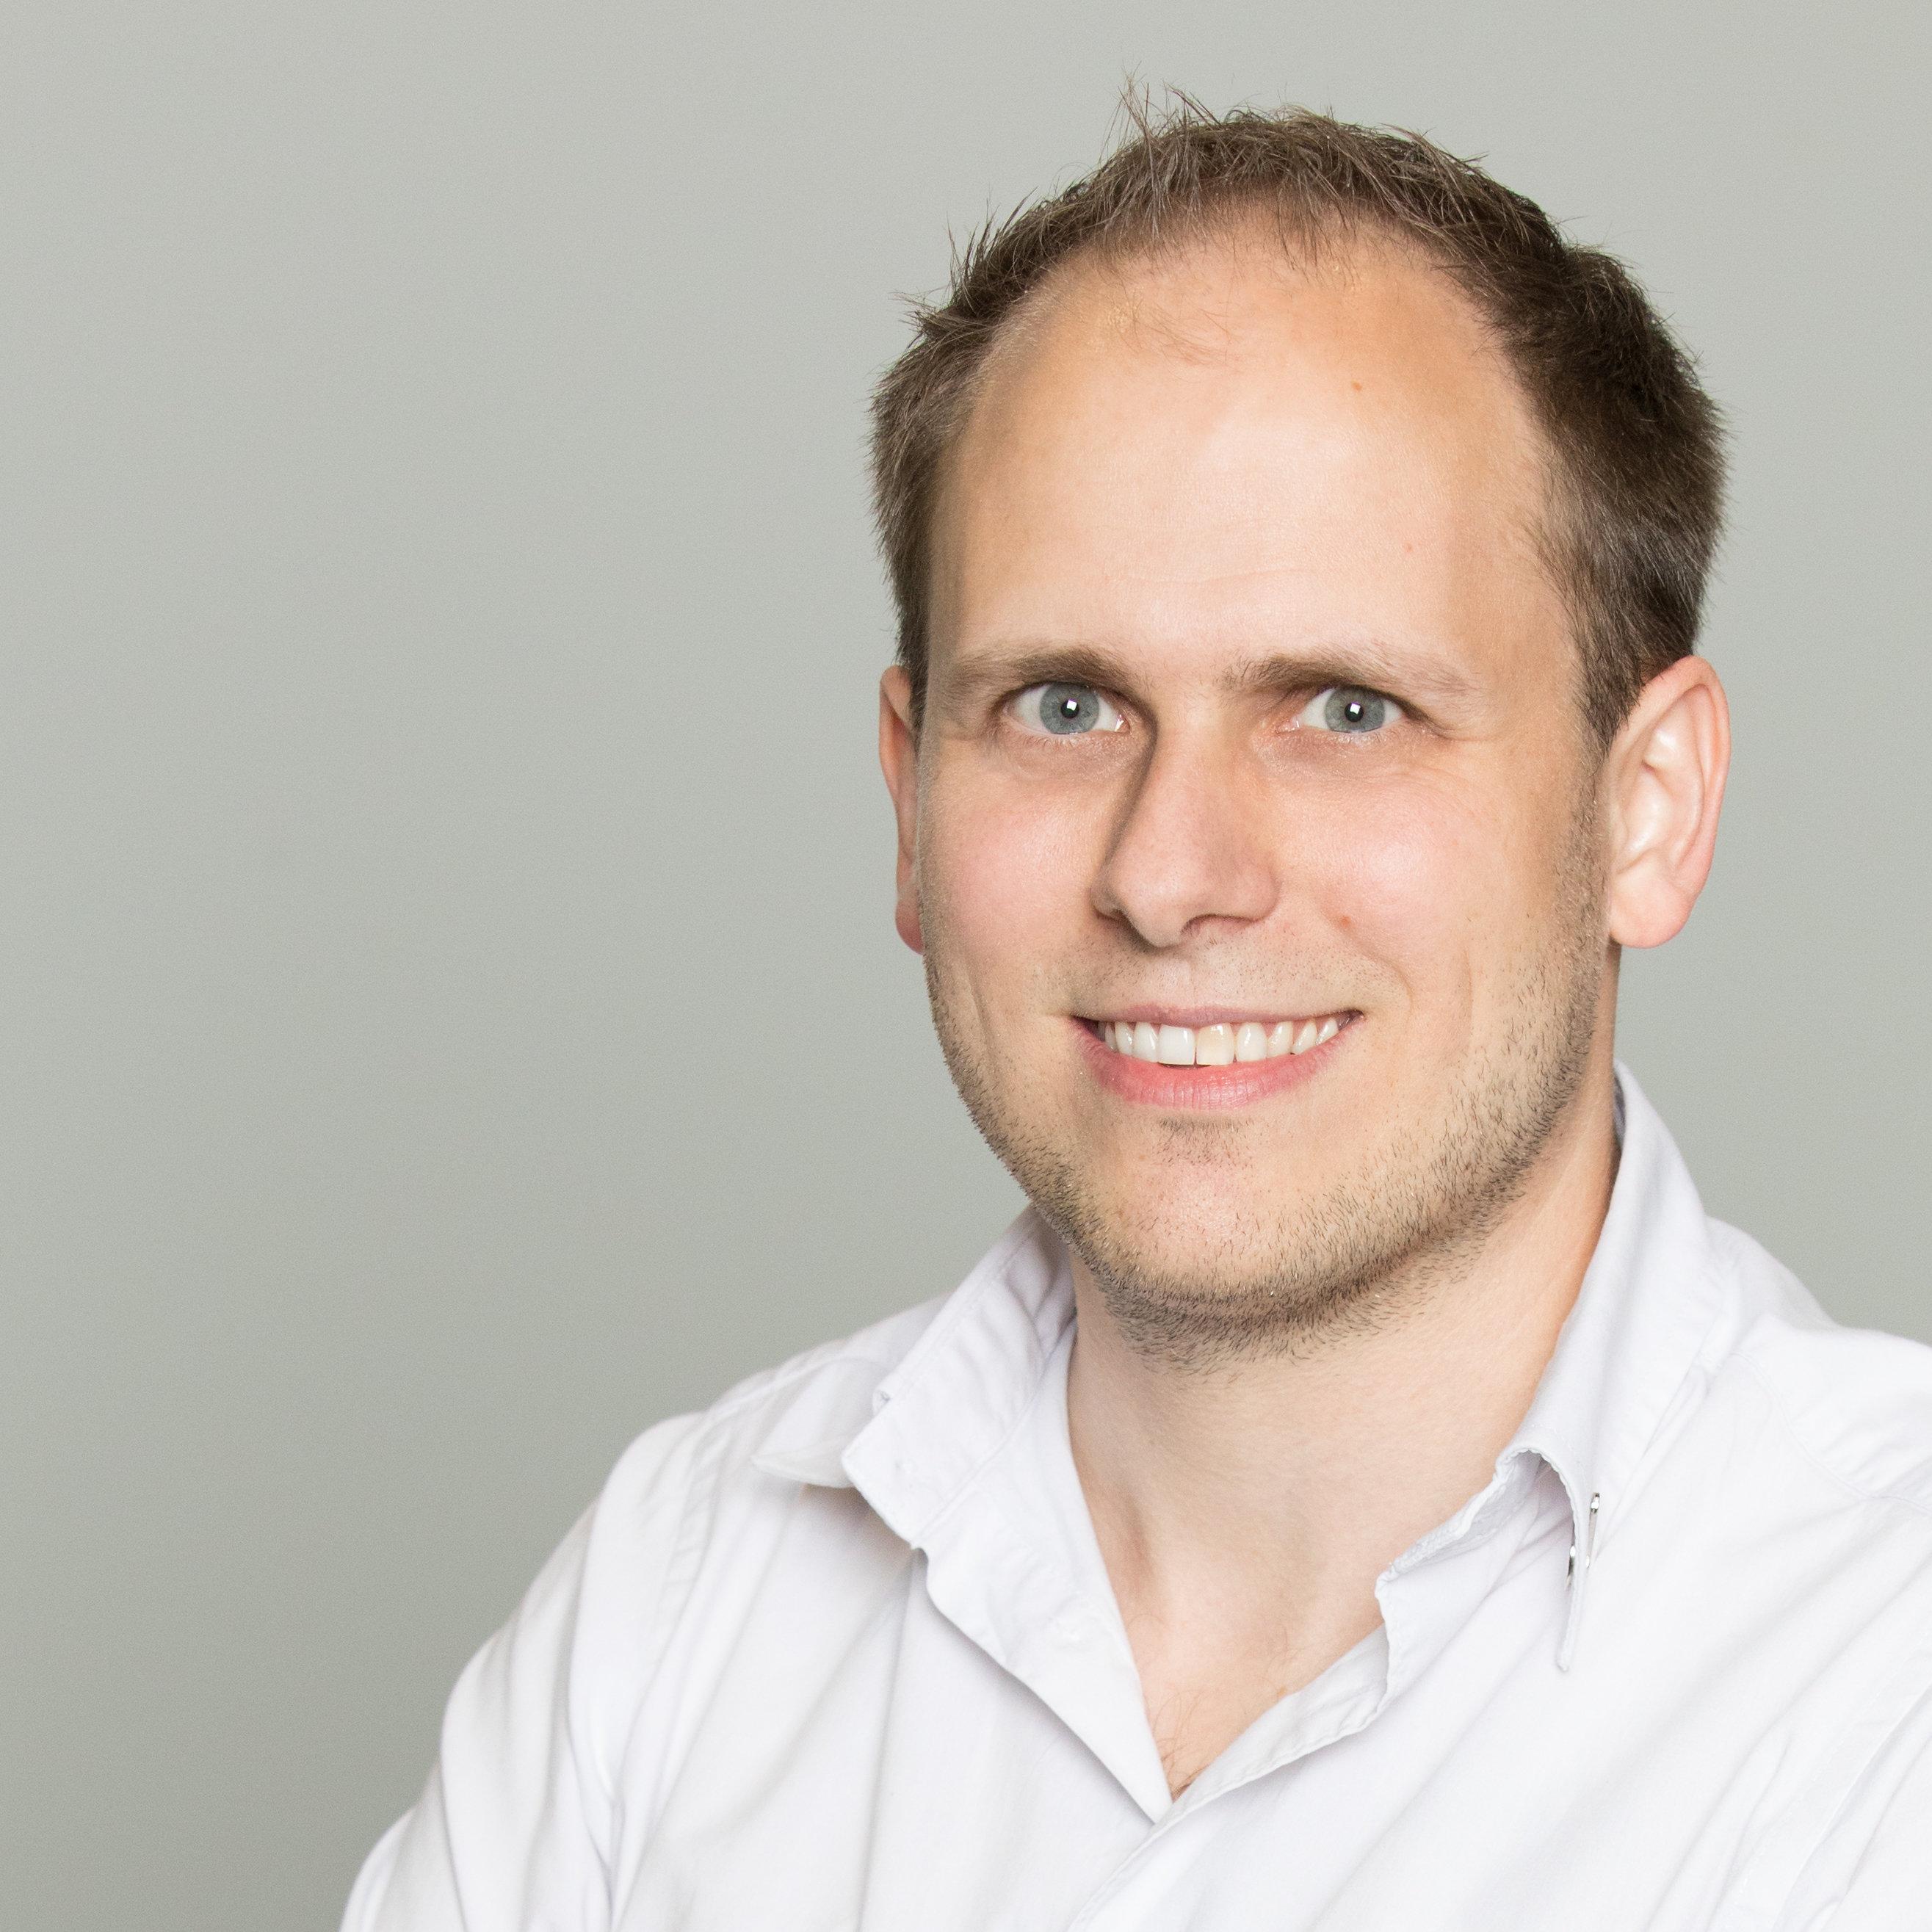 Bernhard Adler